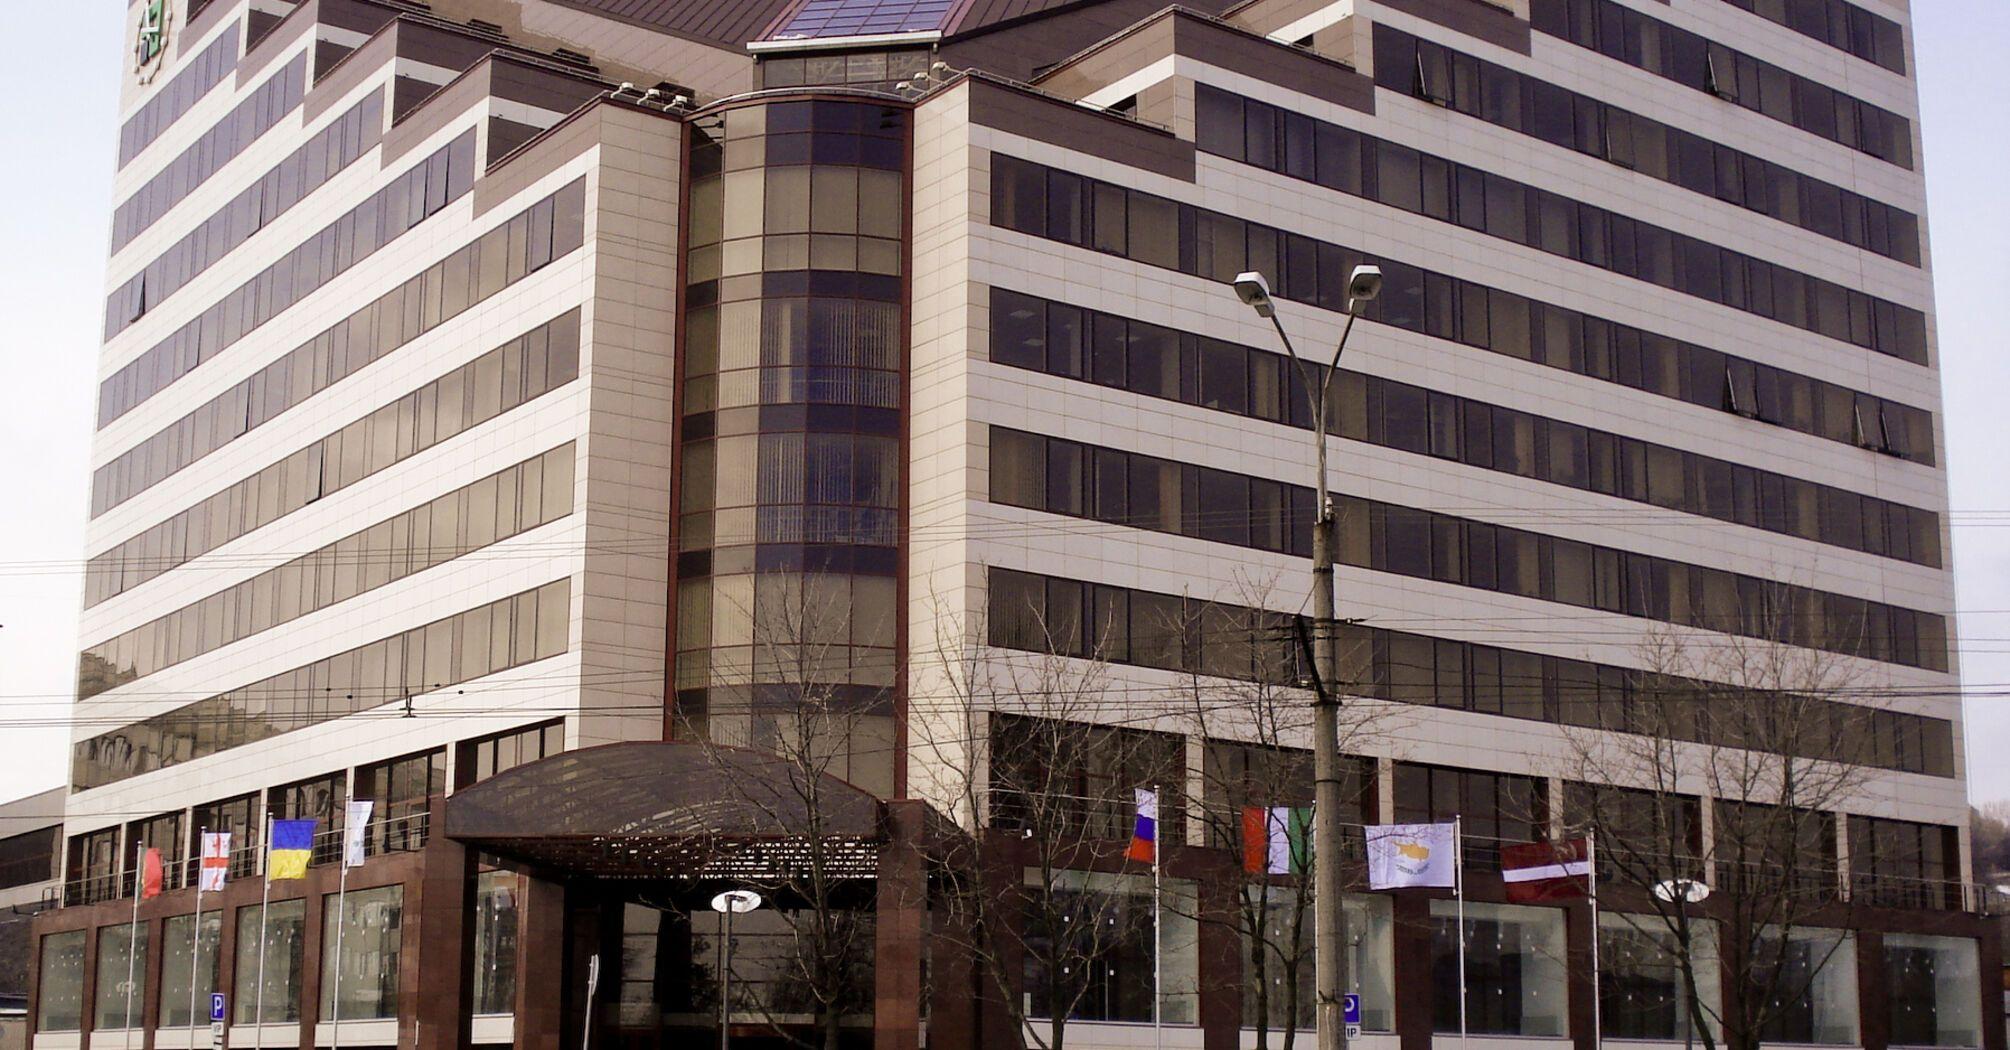 ПриватБанк предупредил украинцев о задержке зачисления денег на банковскую карту